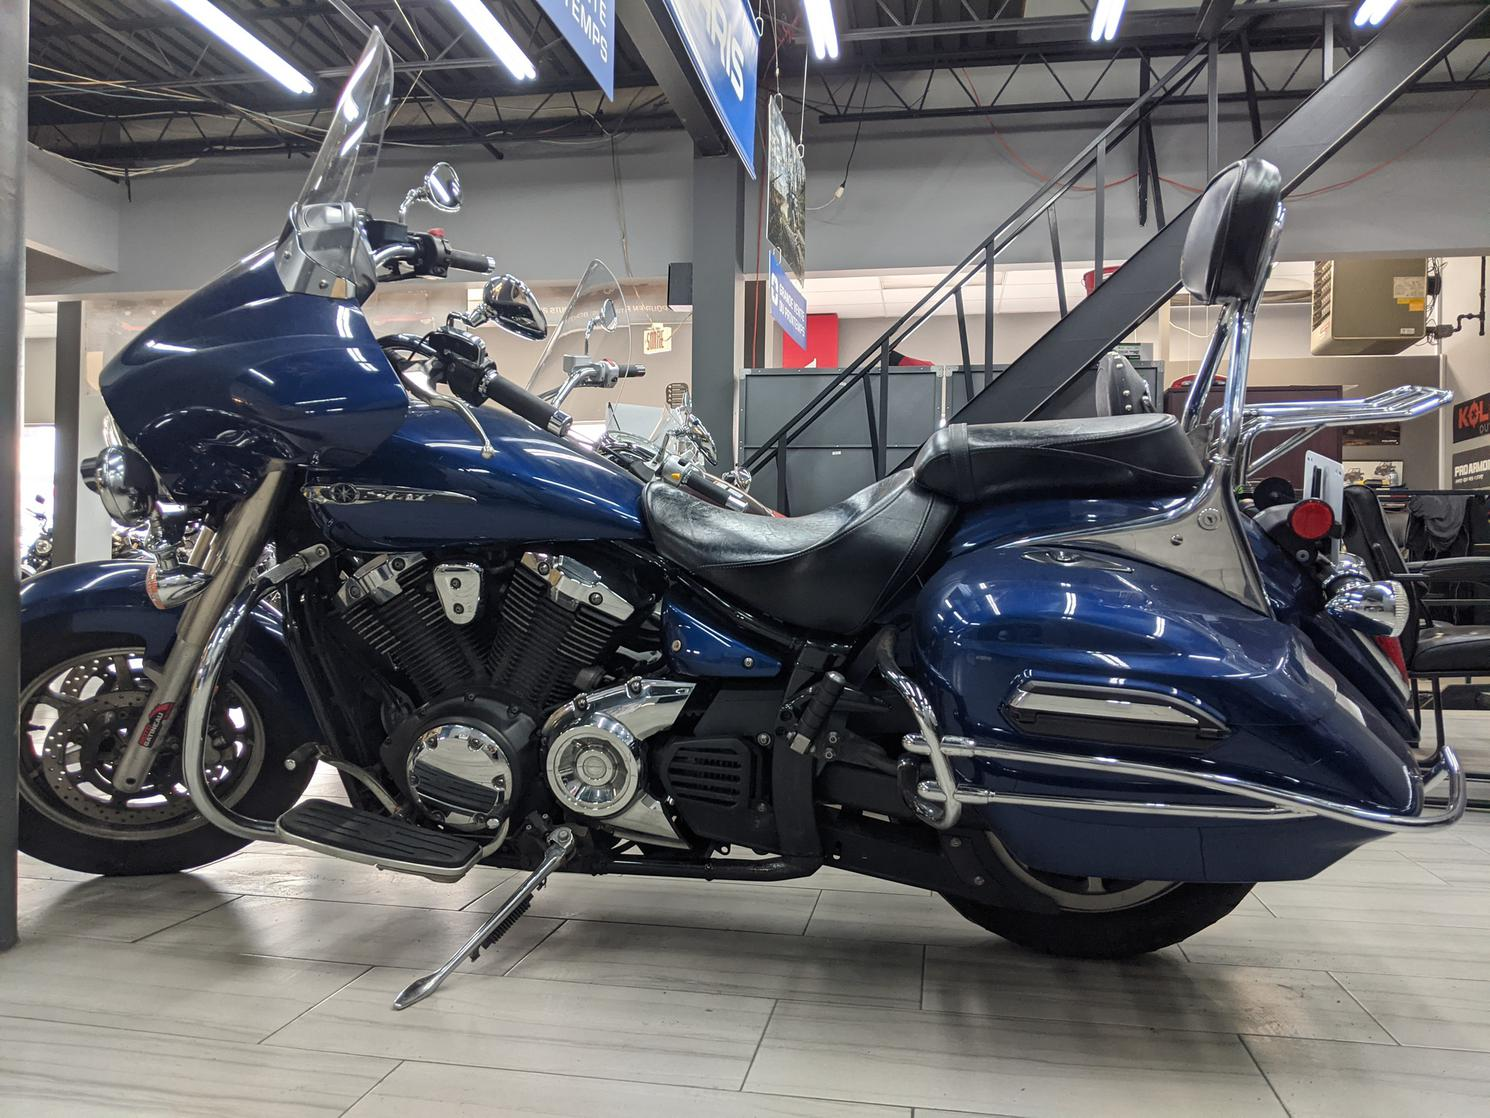 Yamaha V-Star 1300 DLX 2013